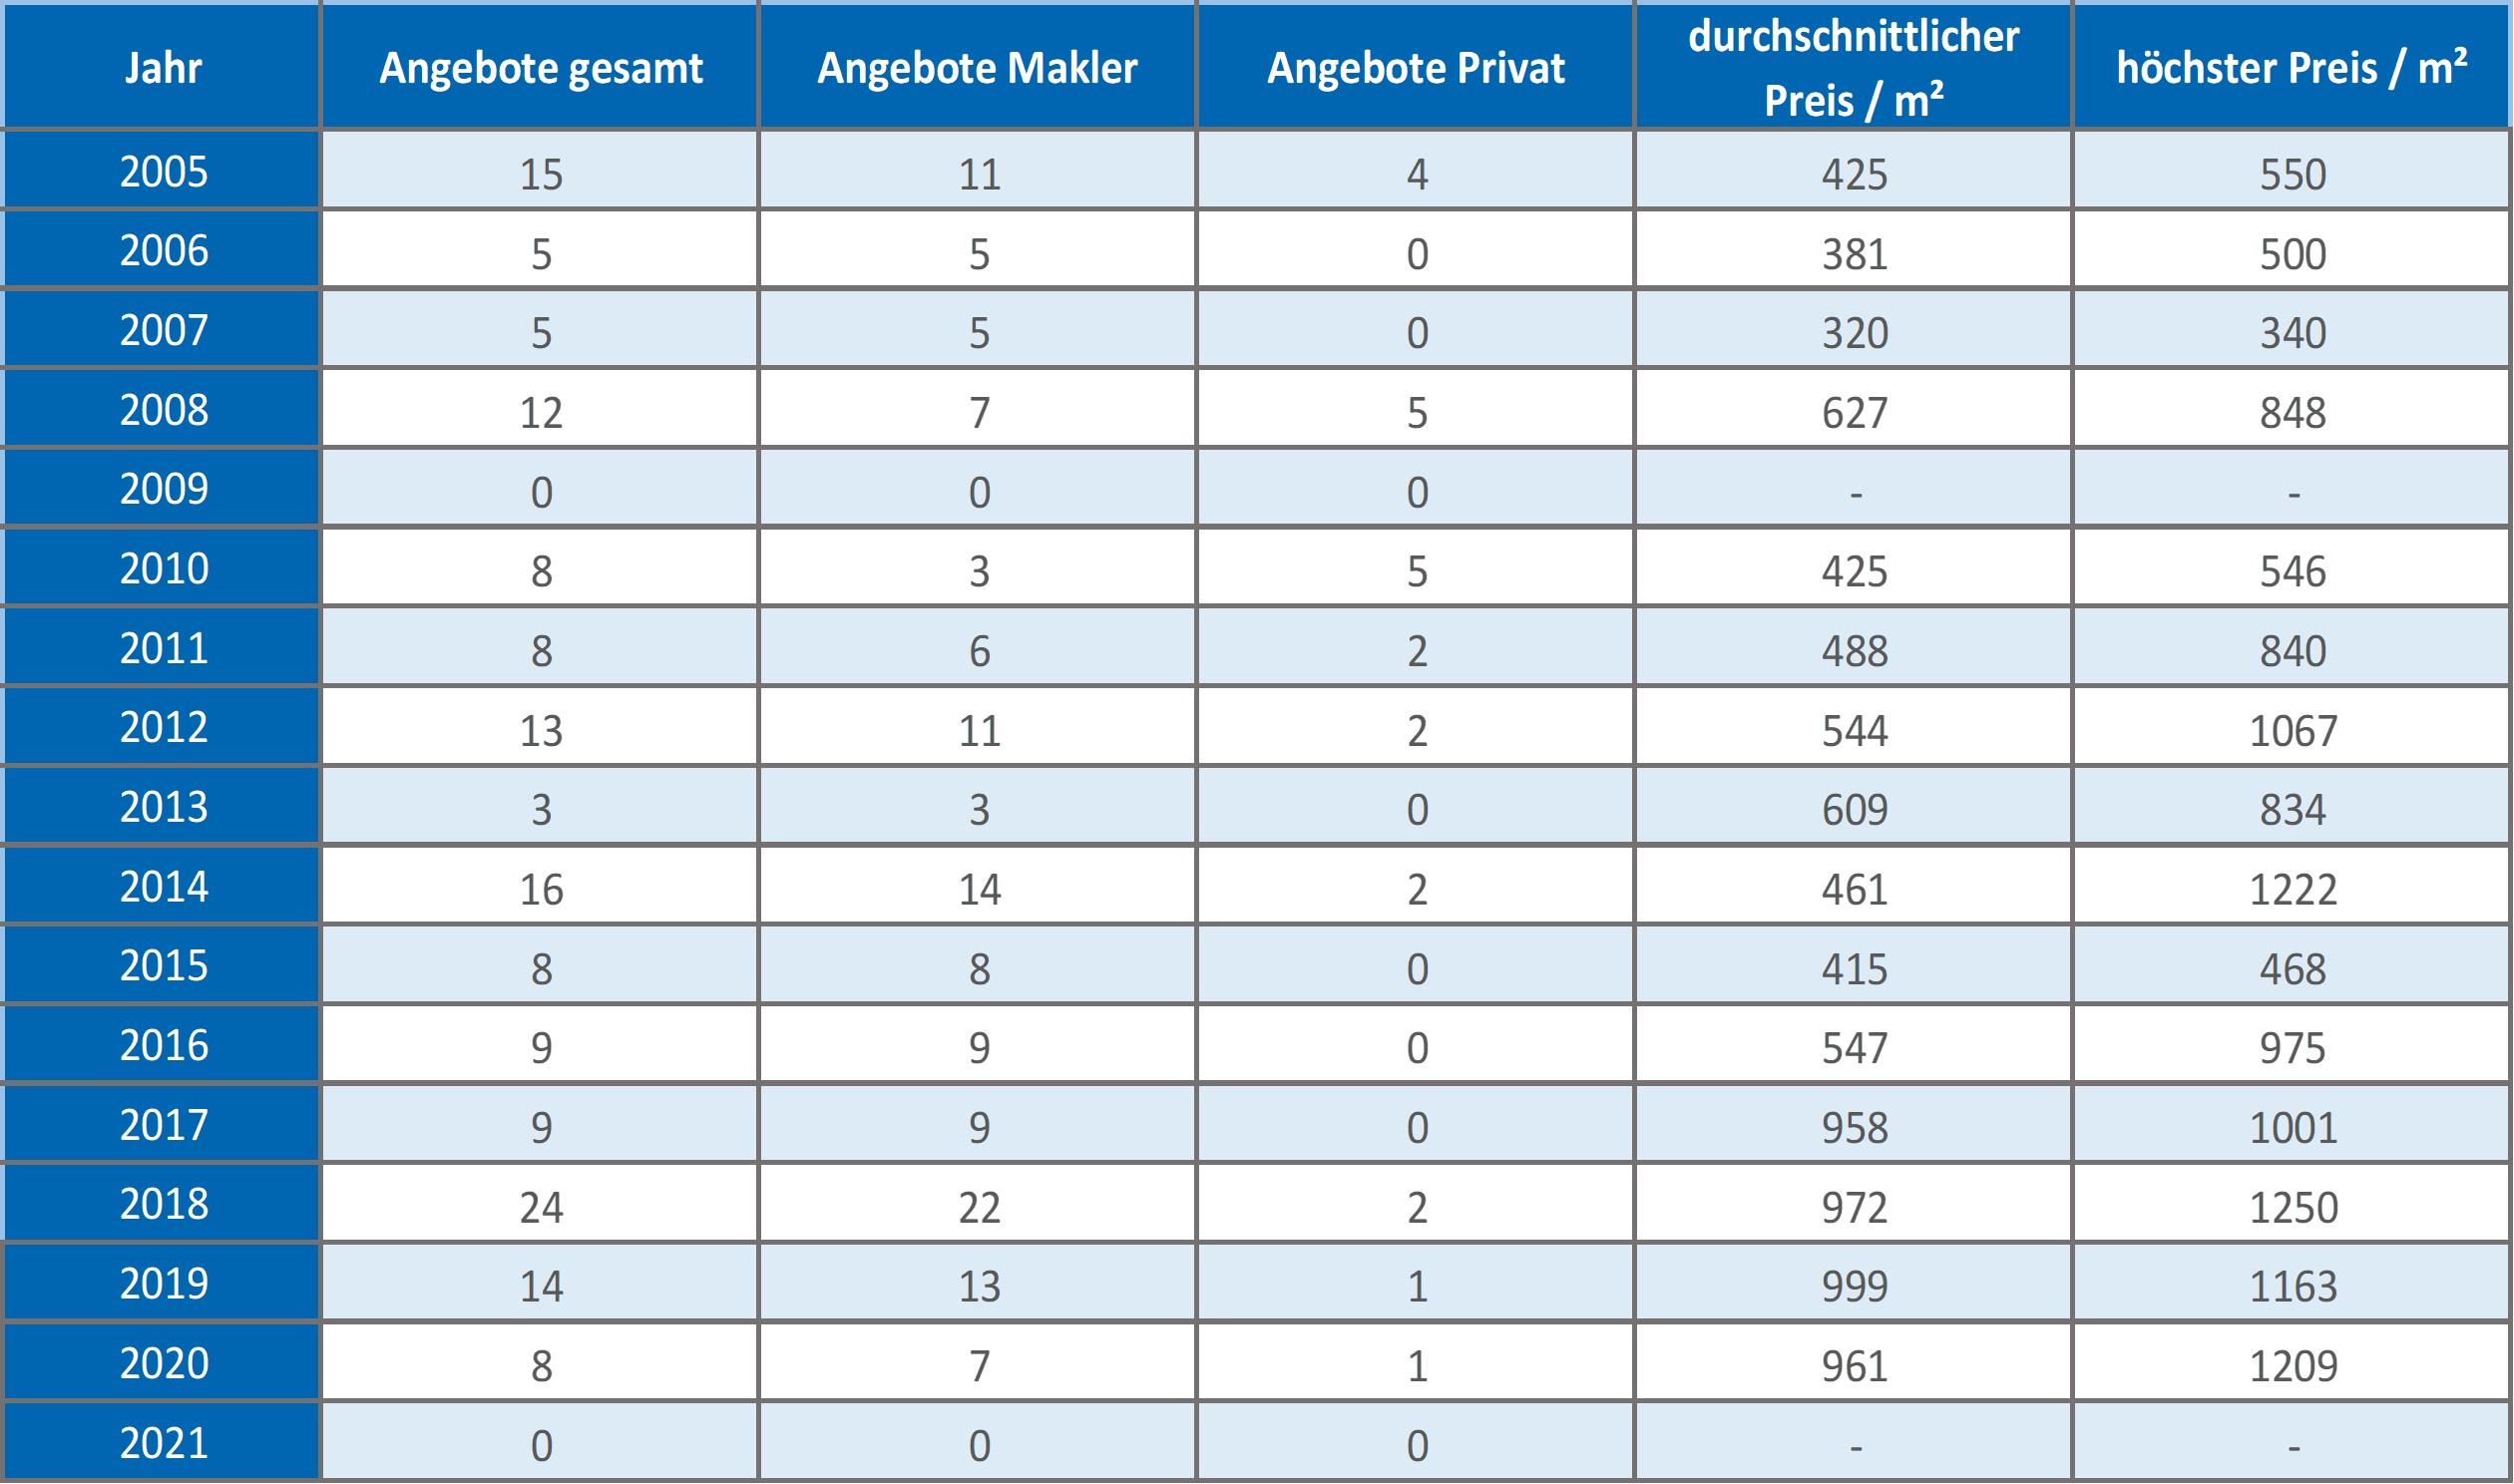 Icking Grundstück kaufen verkaufen Preis Bewertung Makler www.happy-immo.de 2019 2020 2021